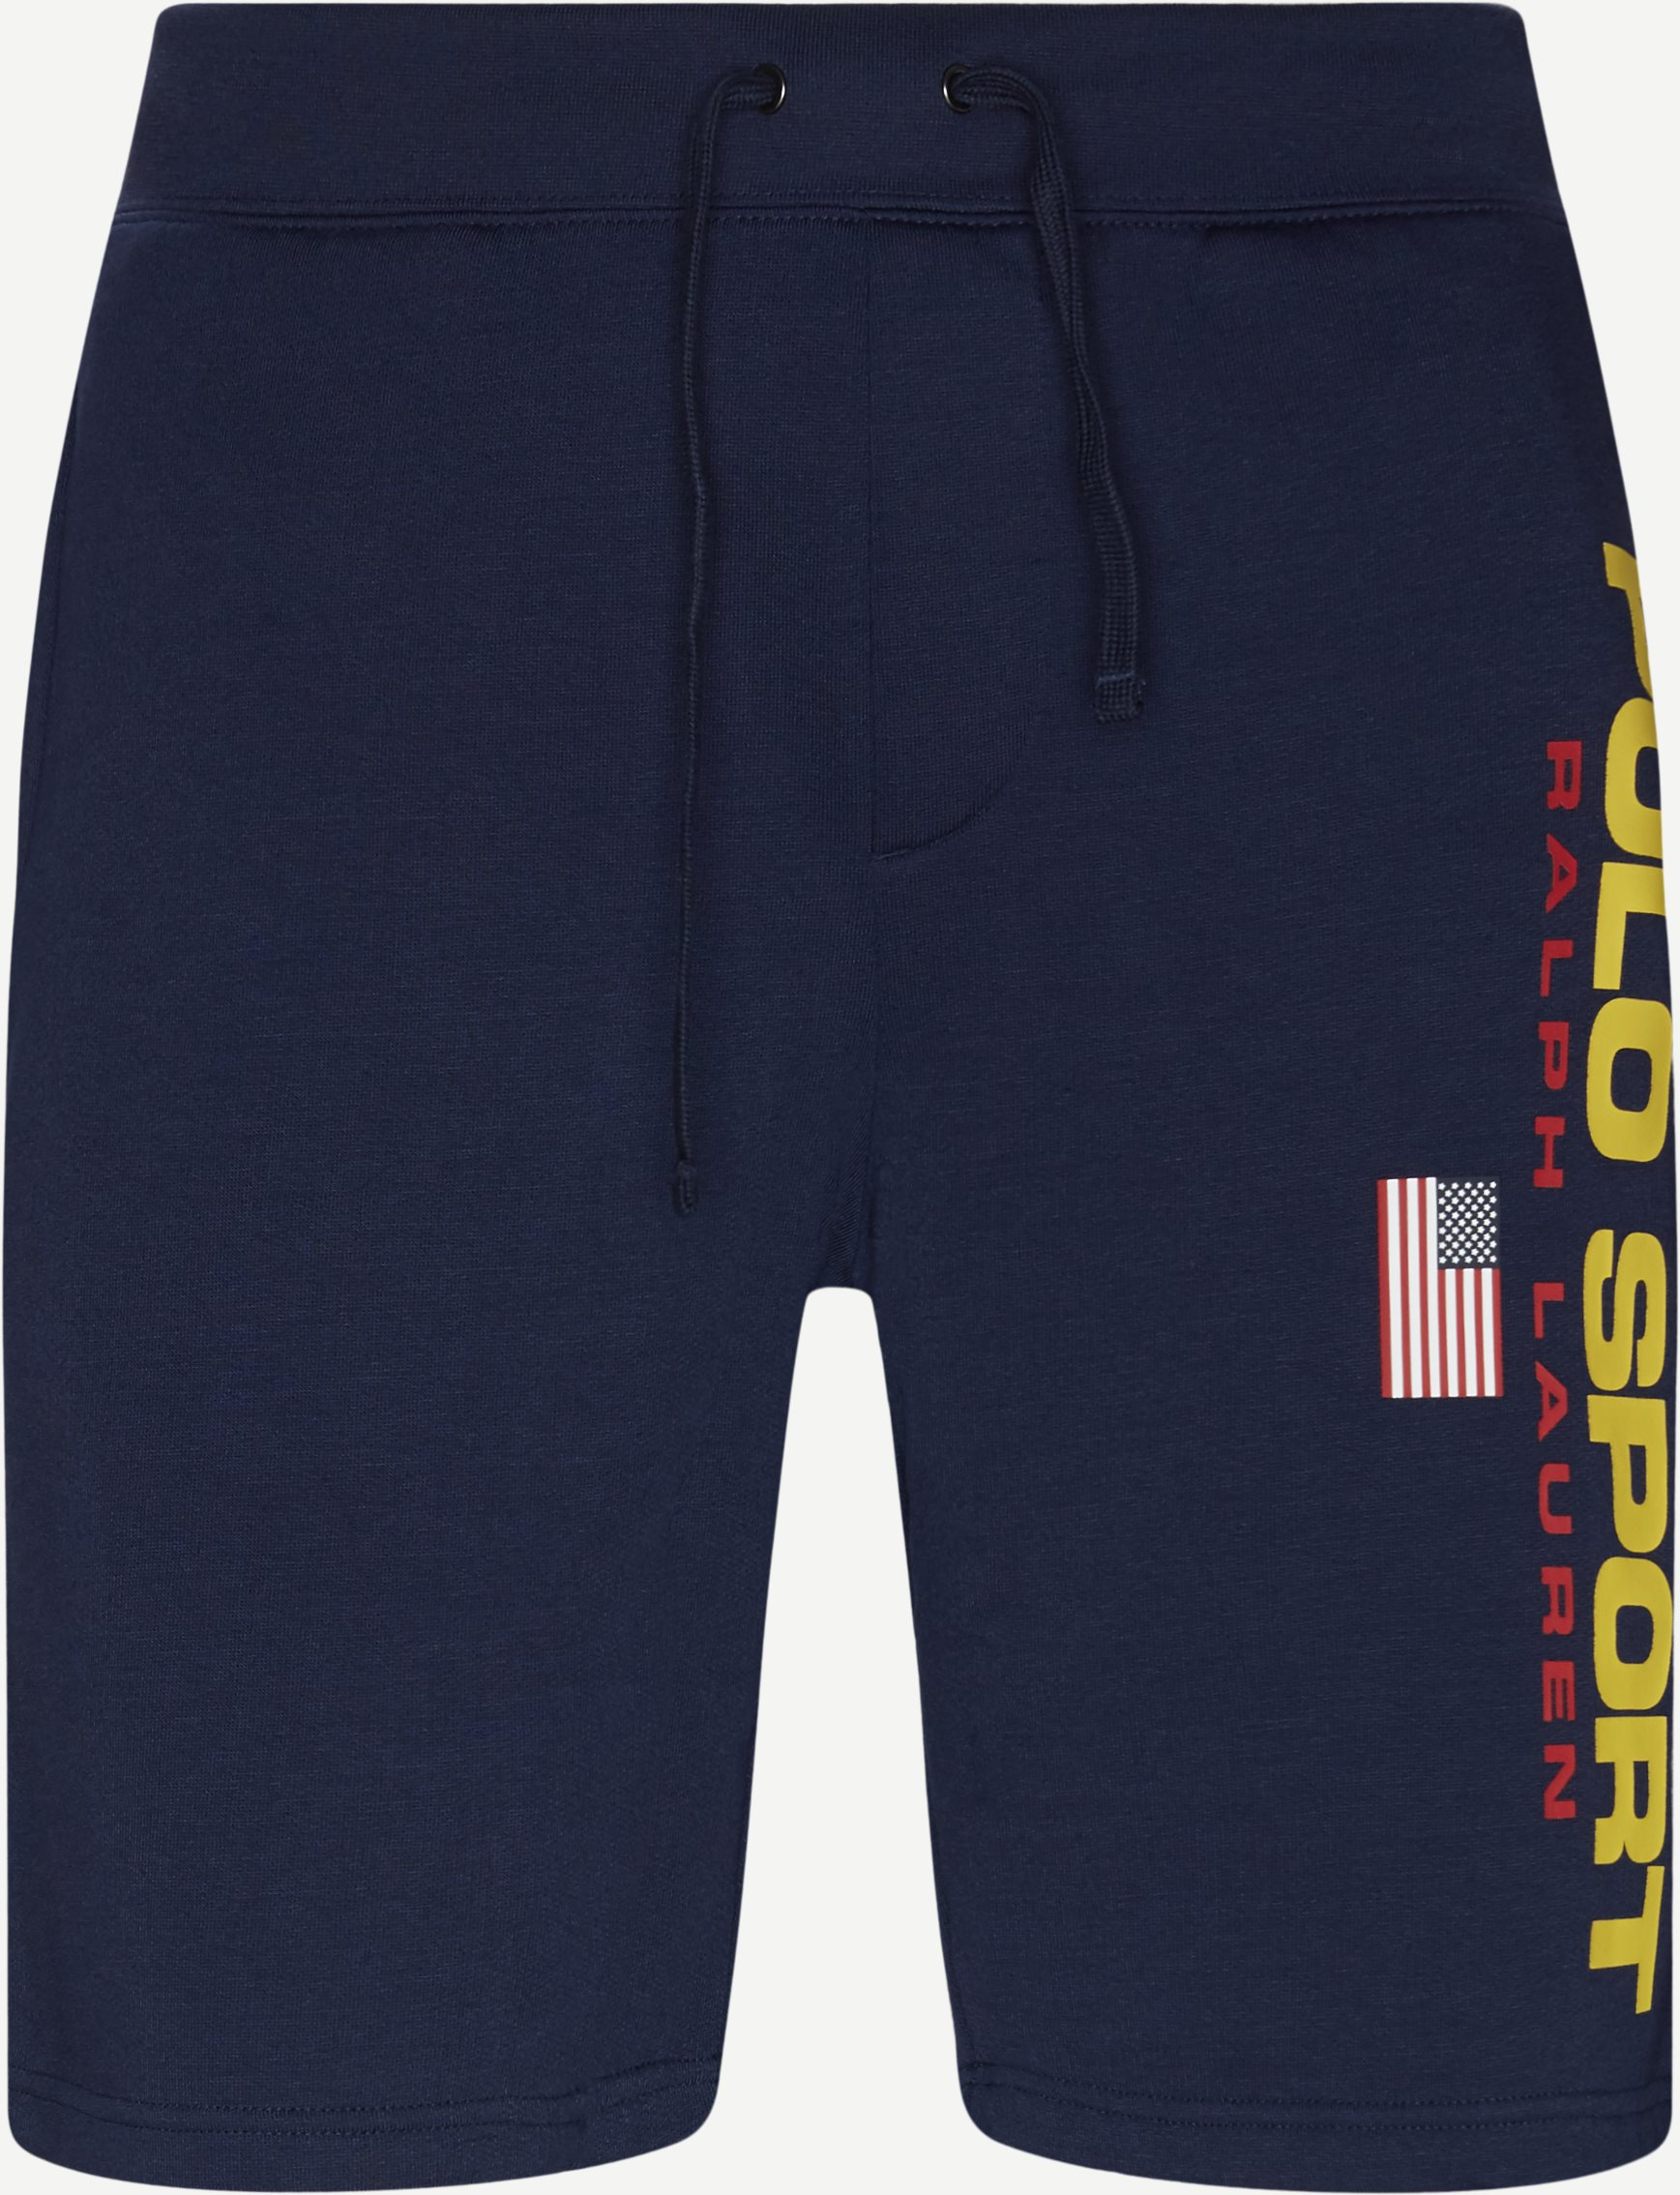 Logo Fleece Shorts - Shorts - Regular fit - Blå